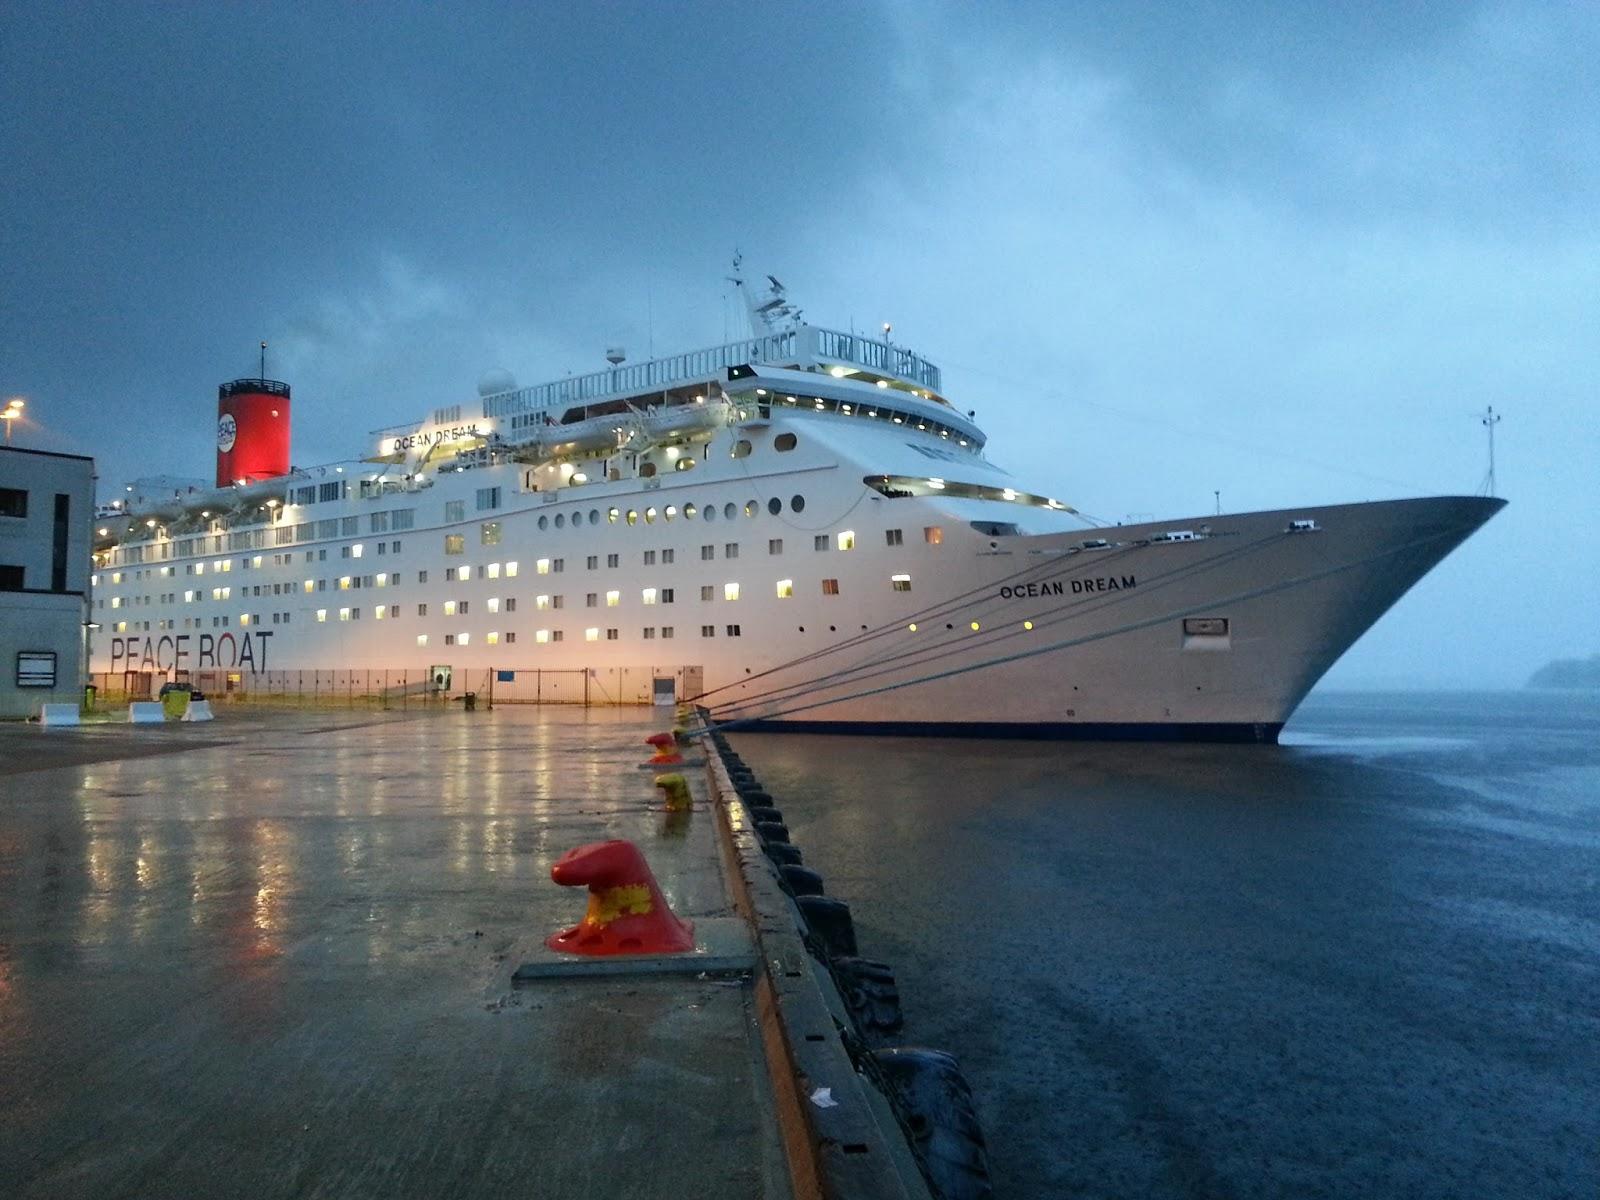 ocean dream peace boat